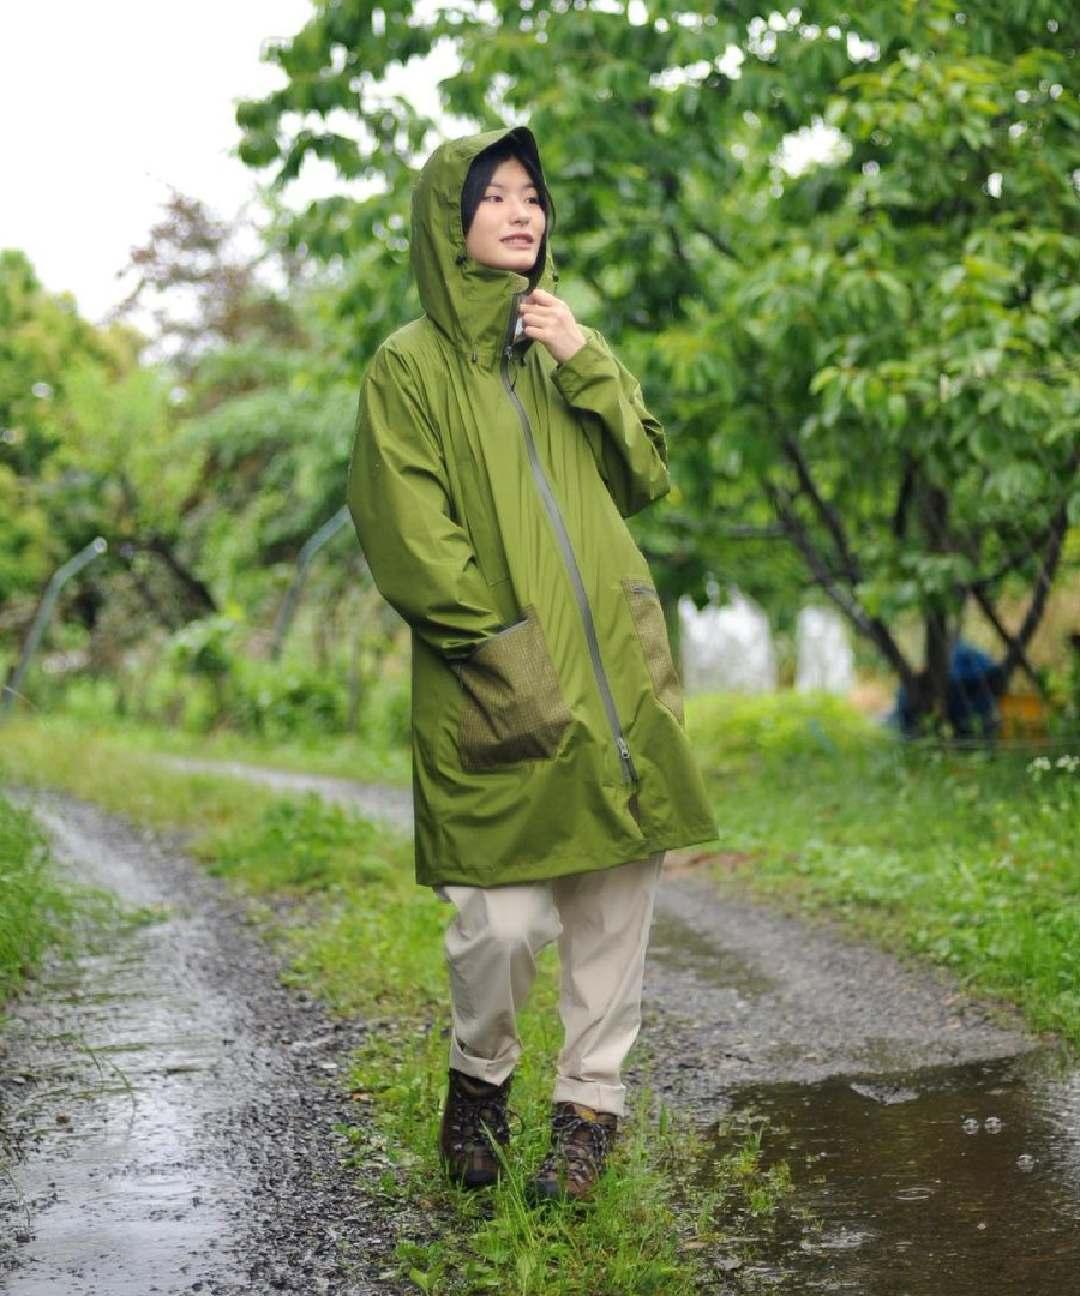 【四角友里コラボレーション】W's Welcome Rain Coat / ウィメンズウェルカムレインコート